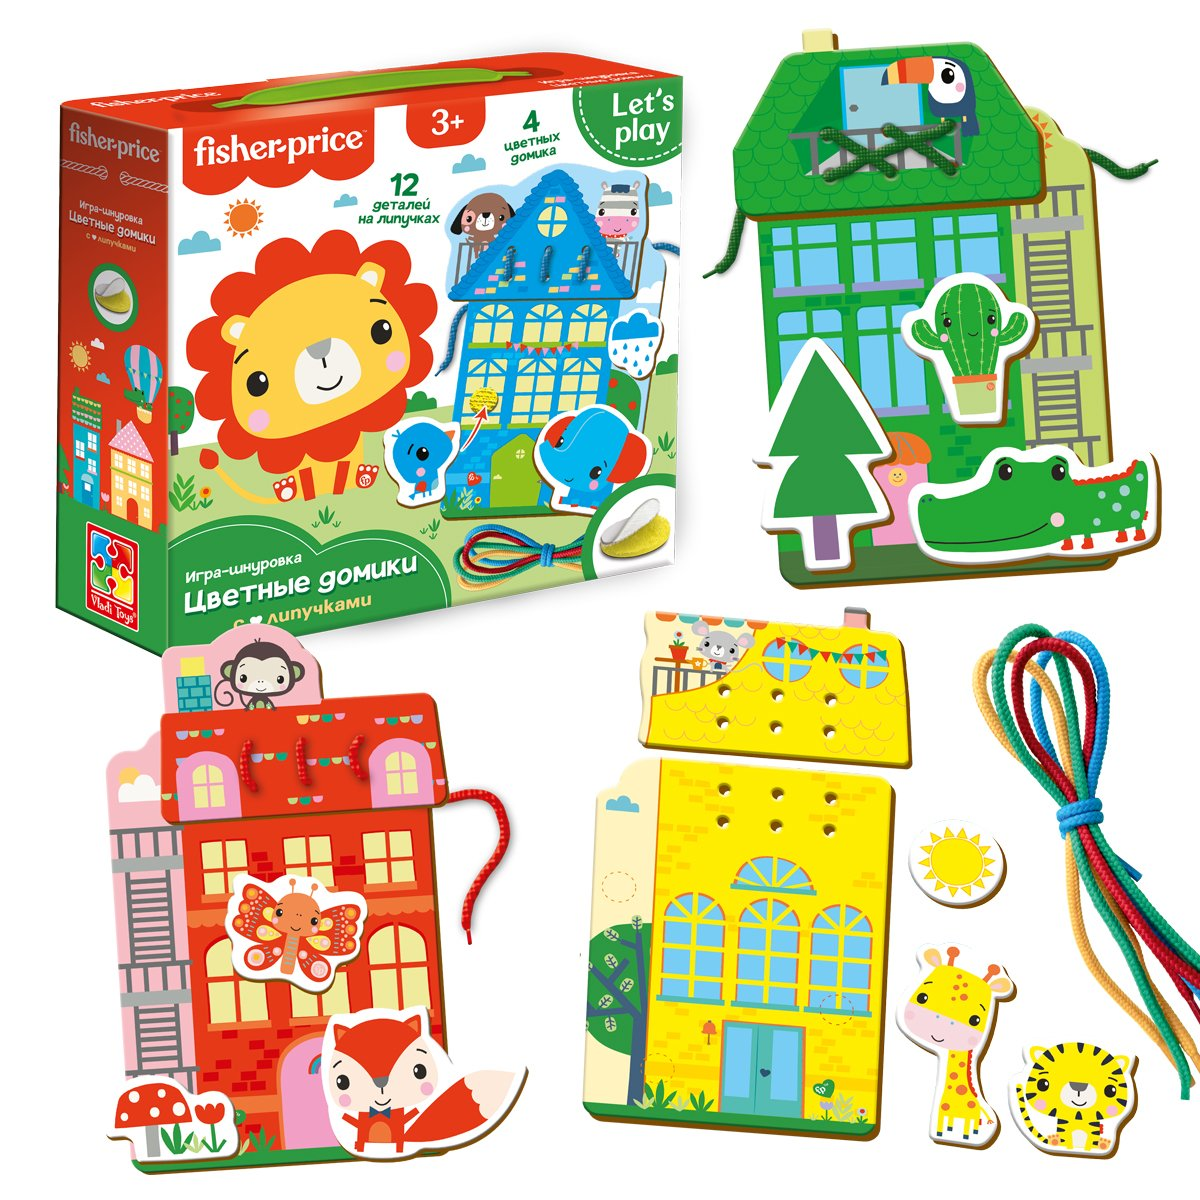 Развивающая игрушка Vladi Toys Fisher-Price Игра-шнуровка Цветные домики ,VT5303-18